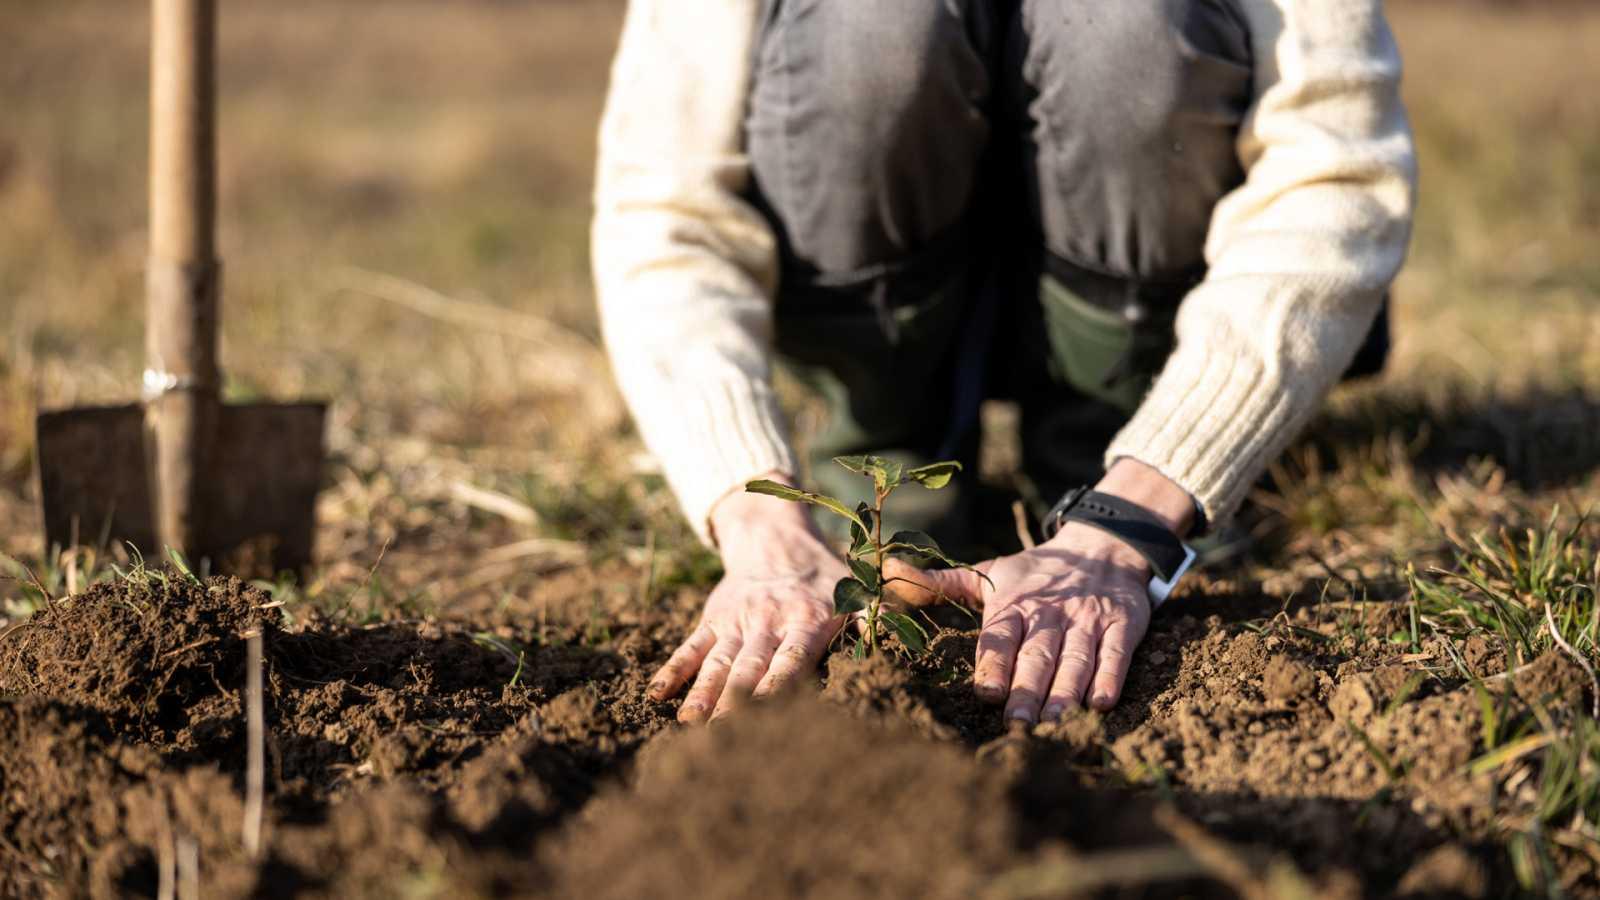 Aquí la Tierra - El regalo del pueblo de Ilundáin para las futuras generaciones